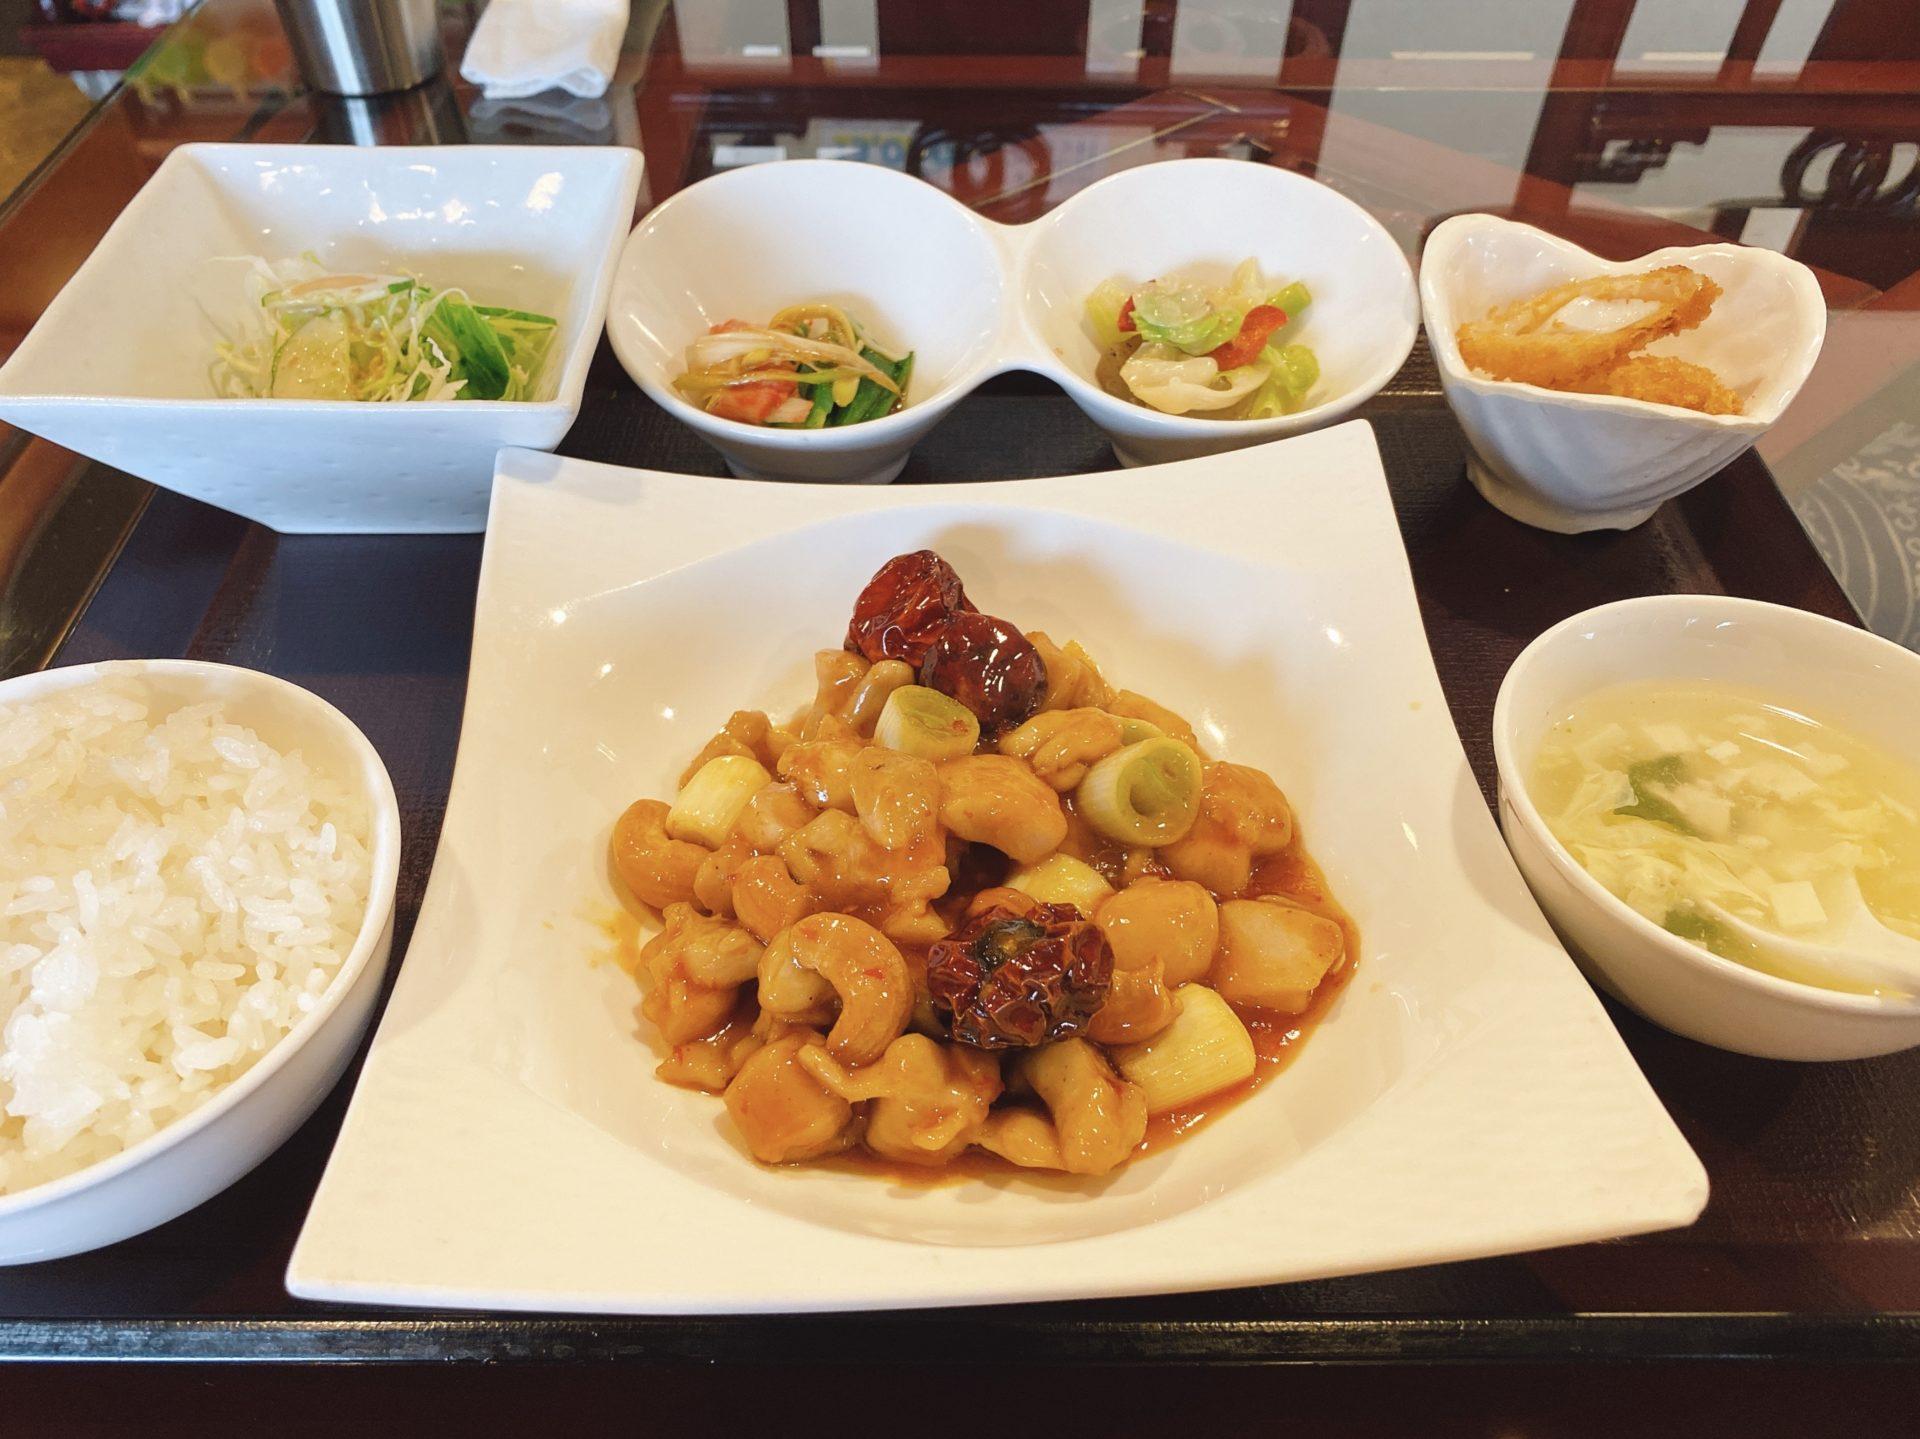 大元駅から車で2分 中華料理 大福園のランチが美味しくて大人気!酢豚・エビチリ・八宝菜・麻婆豆腐と迷いながら決めたのは・・・・